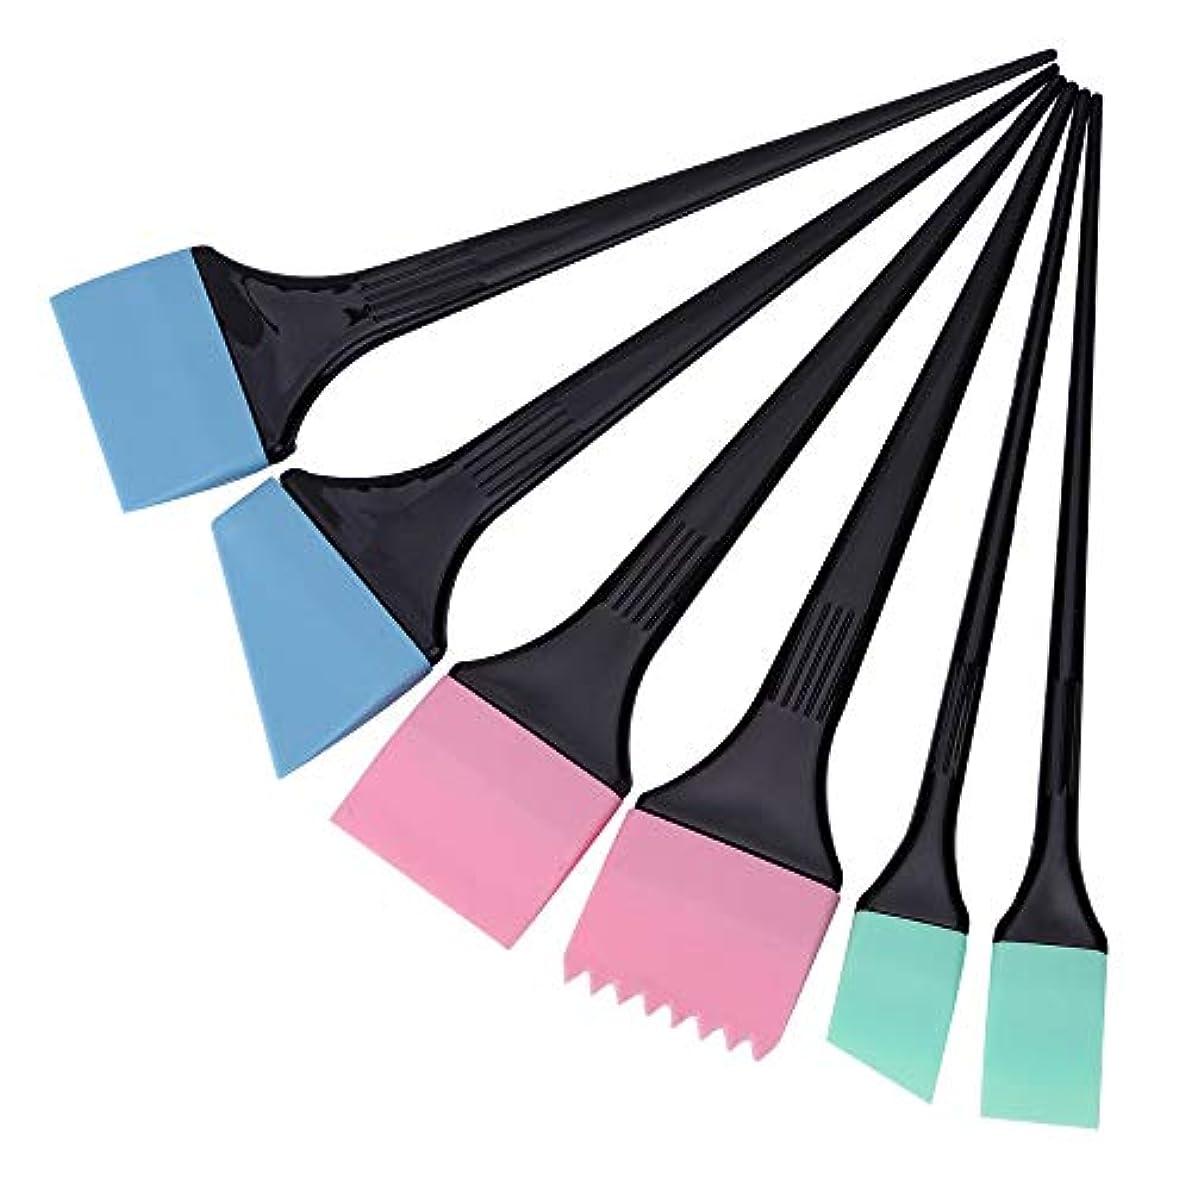 テンション帳面心からヘアダイコーム&ブラシ 毛染めブラシ 6本/セット 着色櫛キット プロサロン 理髪スタイリングツール へアカラーセット グリーン